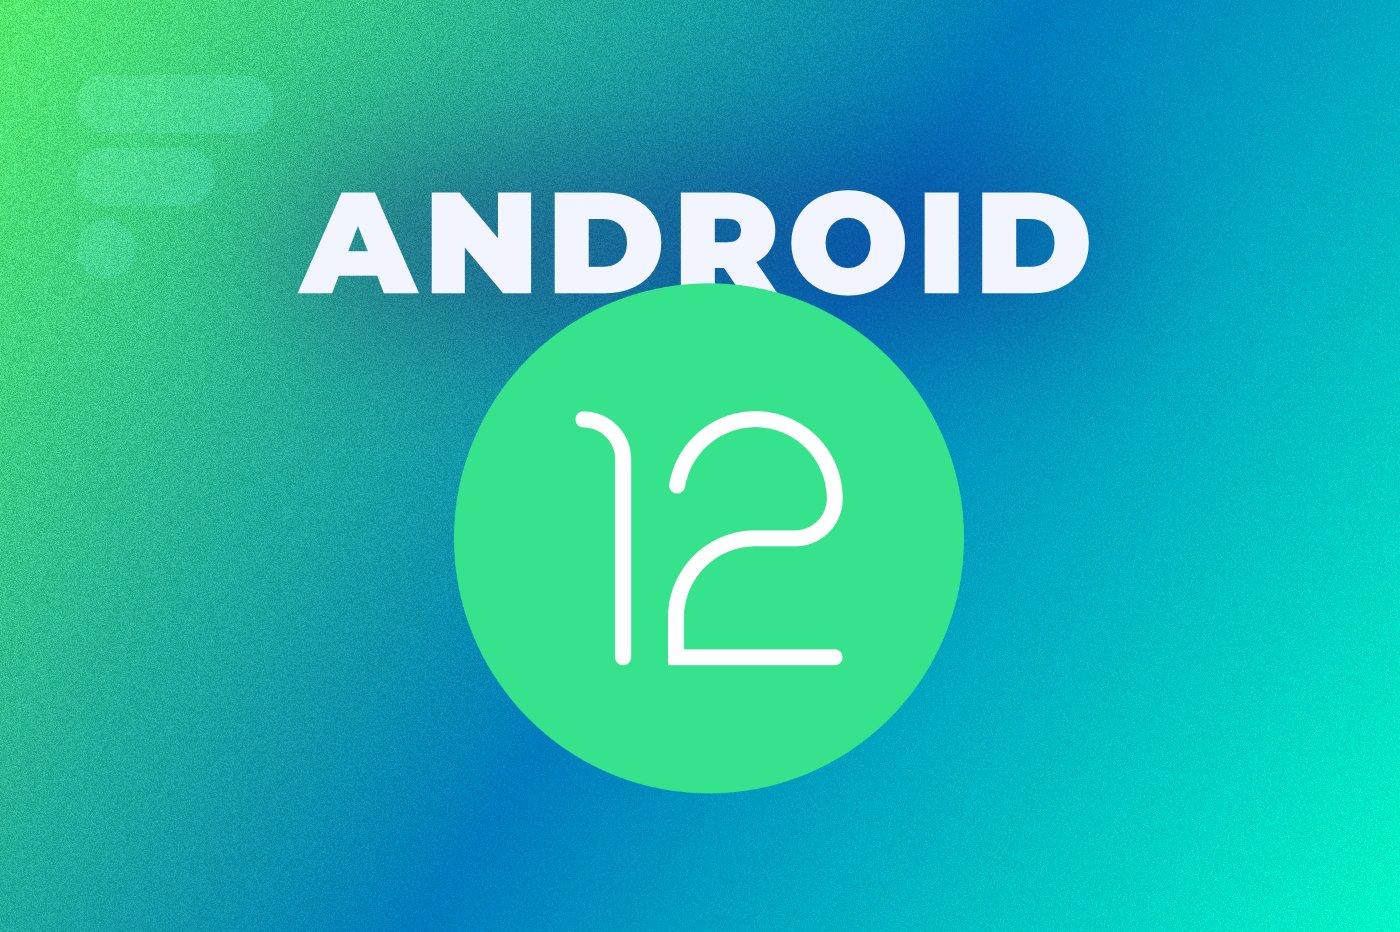 nouveautés et smartphones compatibles avec la mise à jour